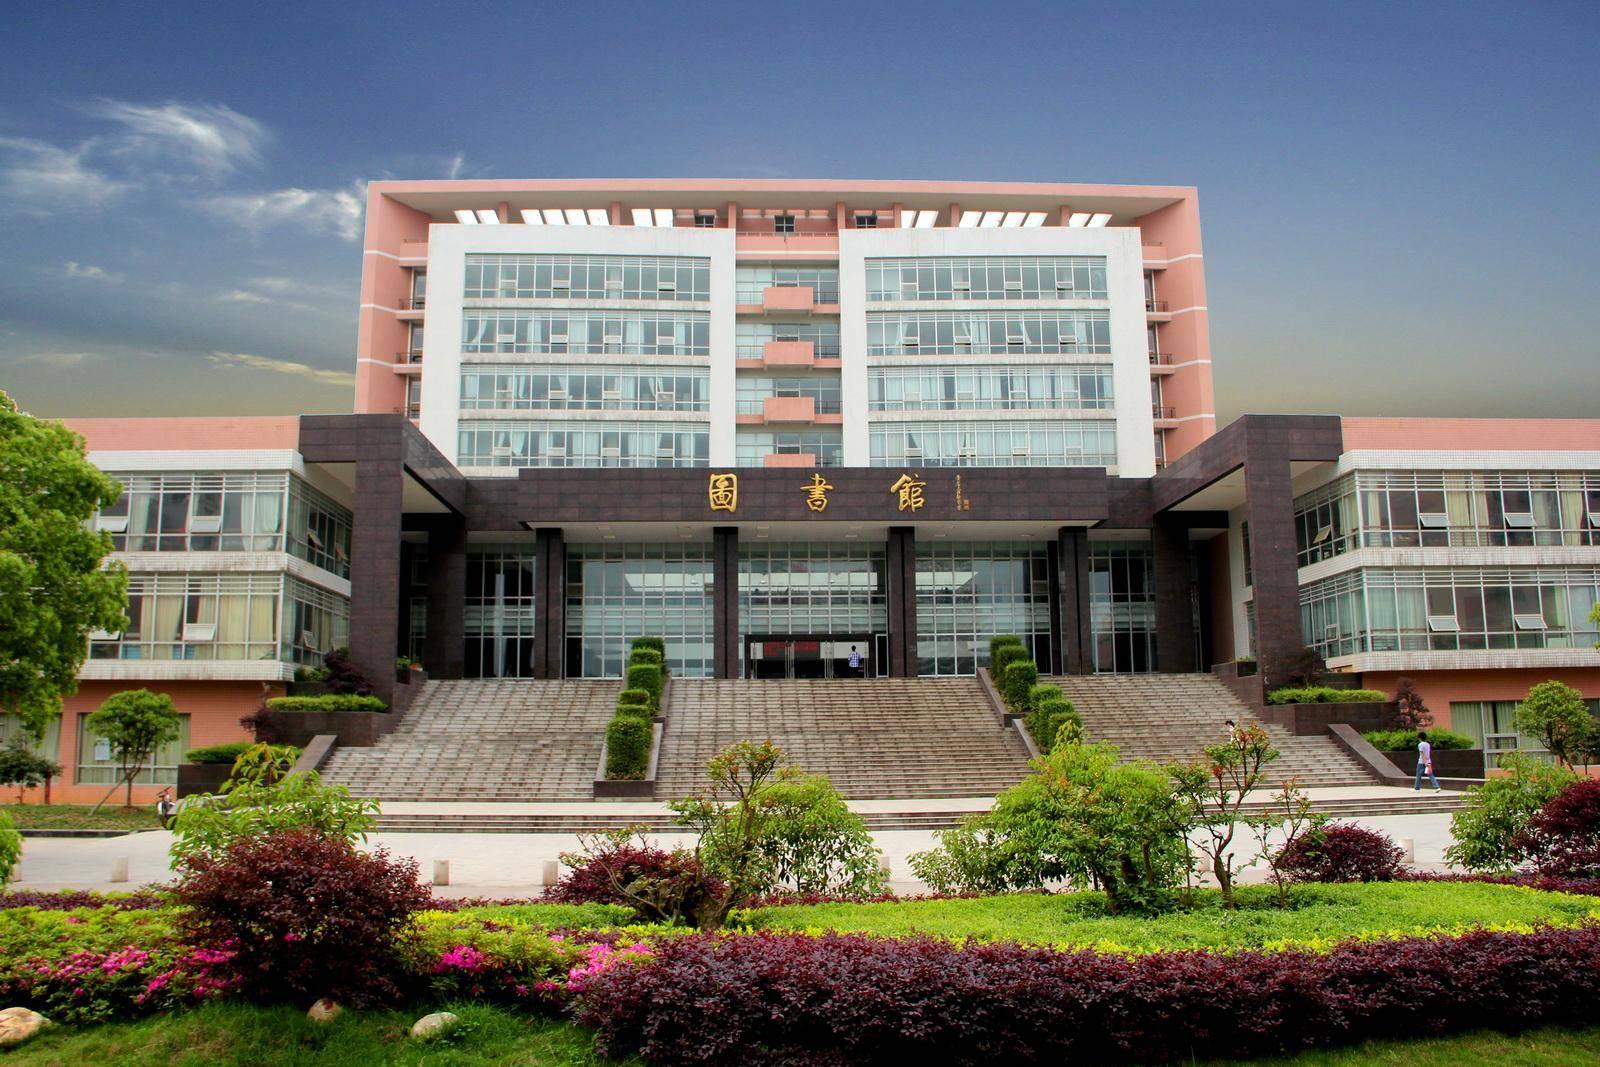 湖南有五所优质二本院校,实力雄厚性价比高,400多分就能报考